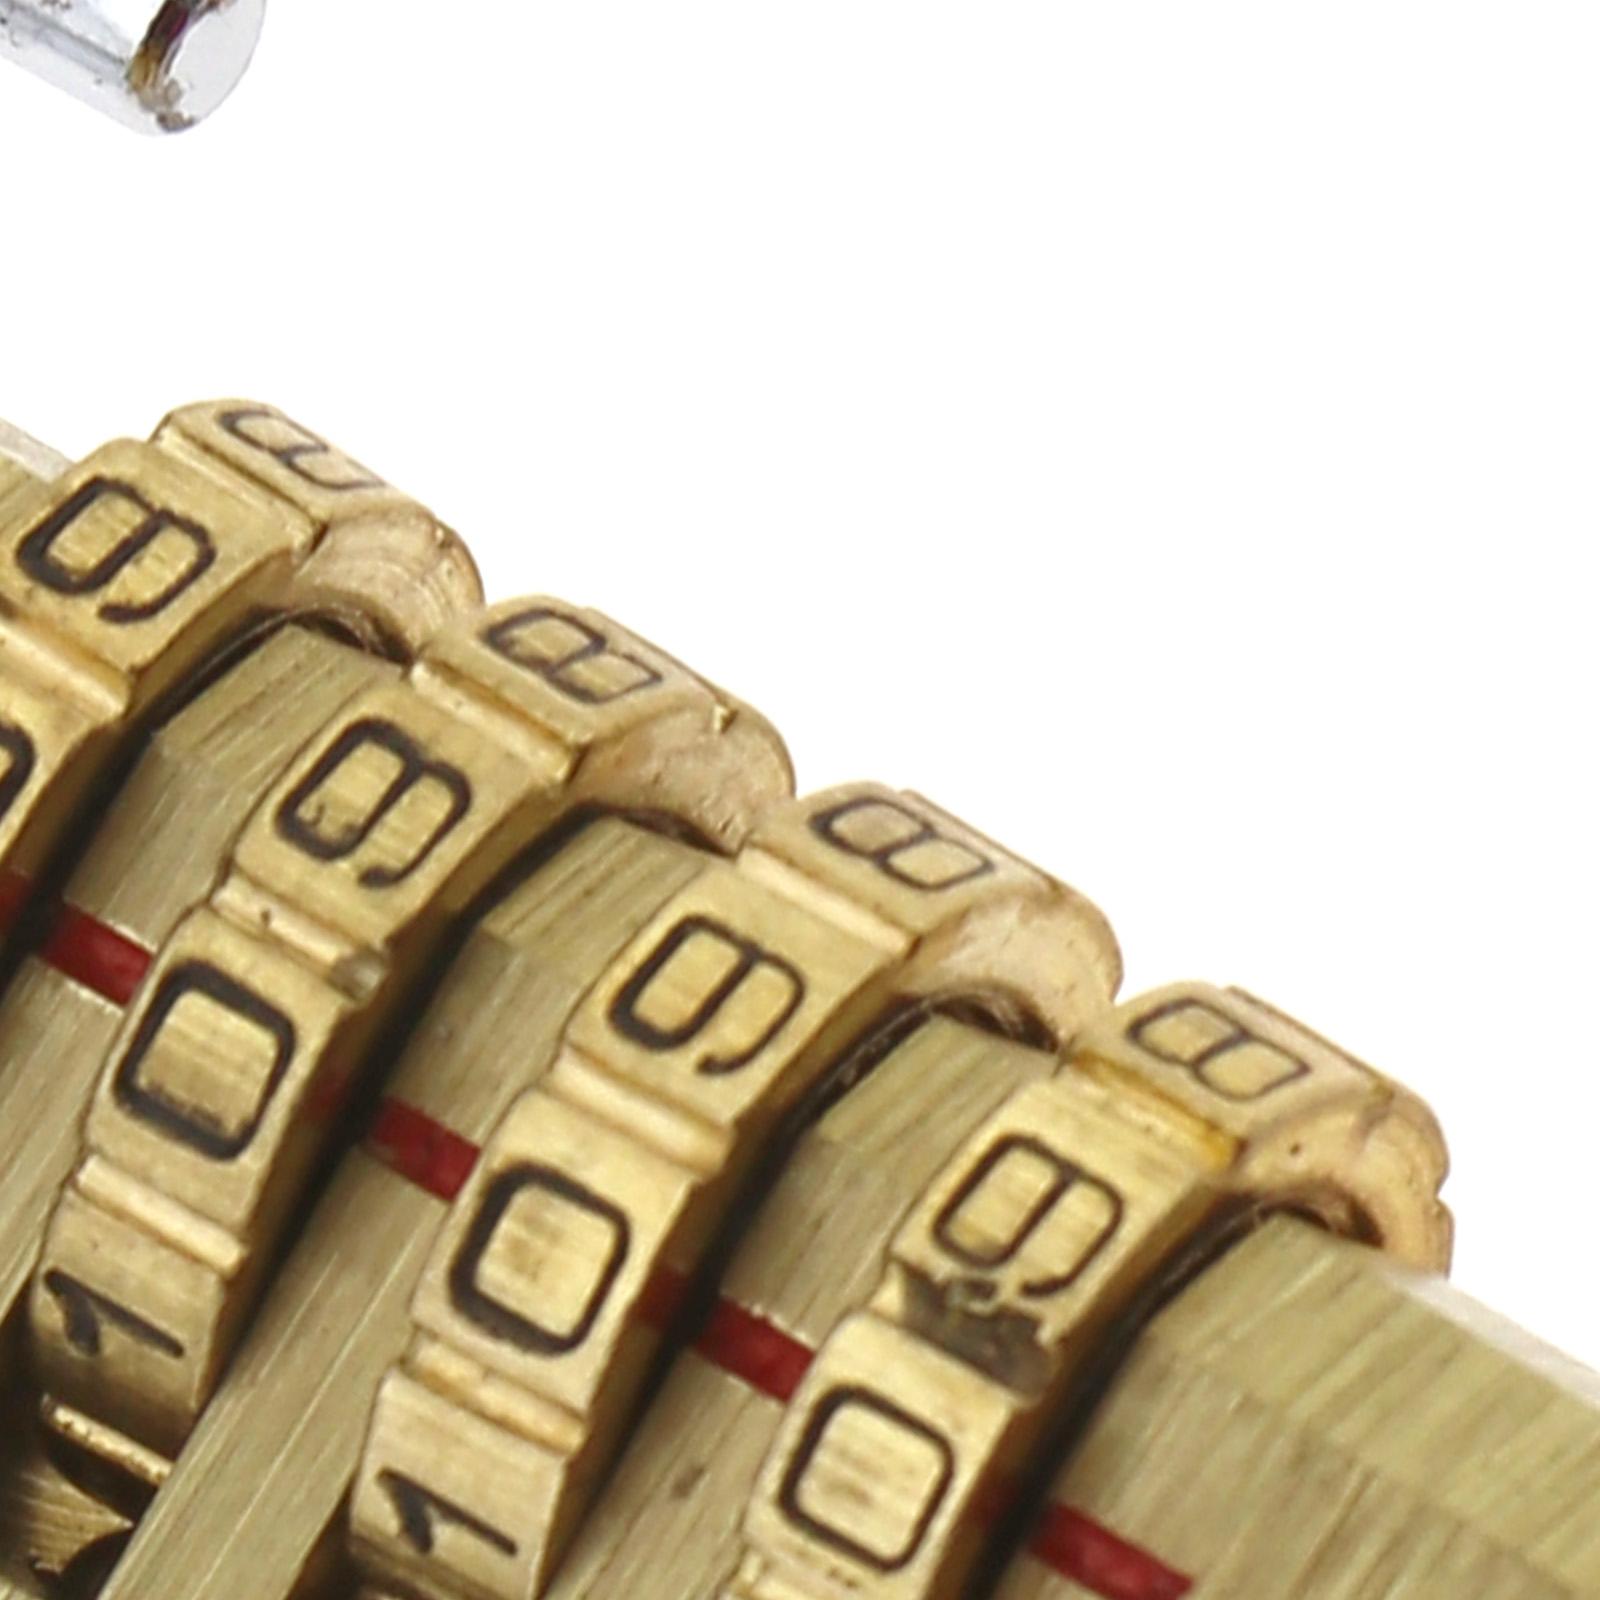 1X Zahlenschloss Codeschloss Vorhangschloss Messing 4 Passwort für Handgepäck